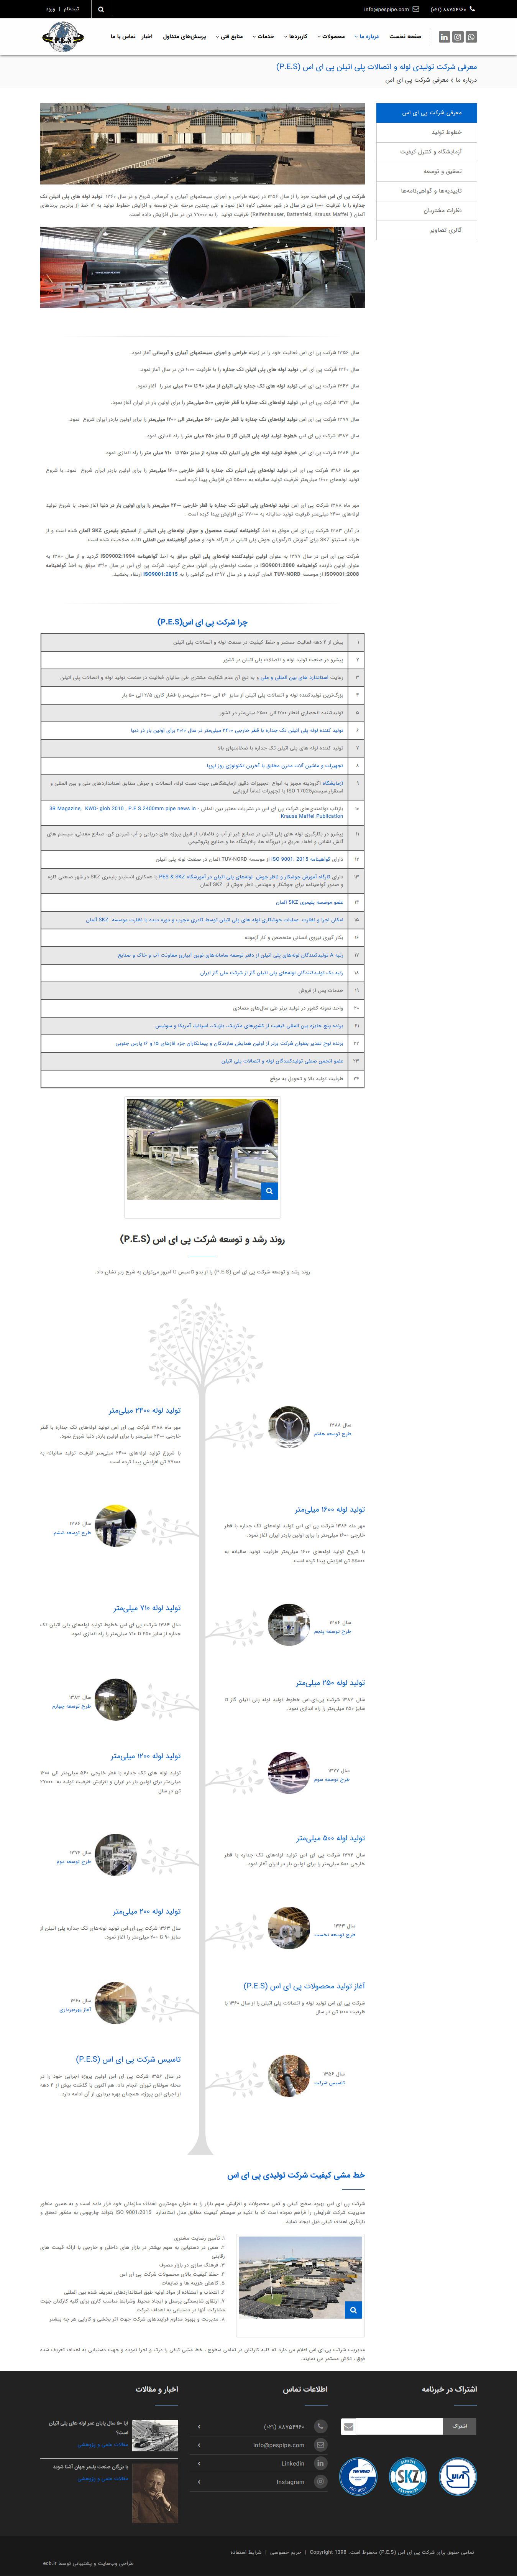 تصویری از صفحه درباره شرکت تولید لوله و اتصالات پلی اتیلن P.E.S. پی ای اس